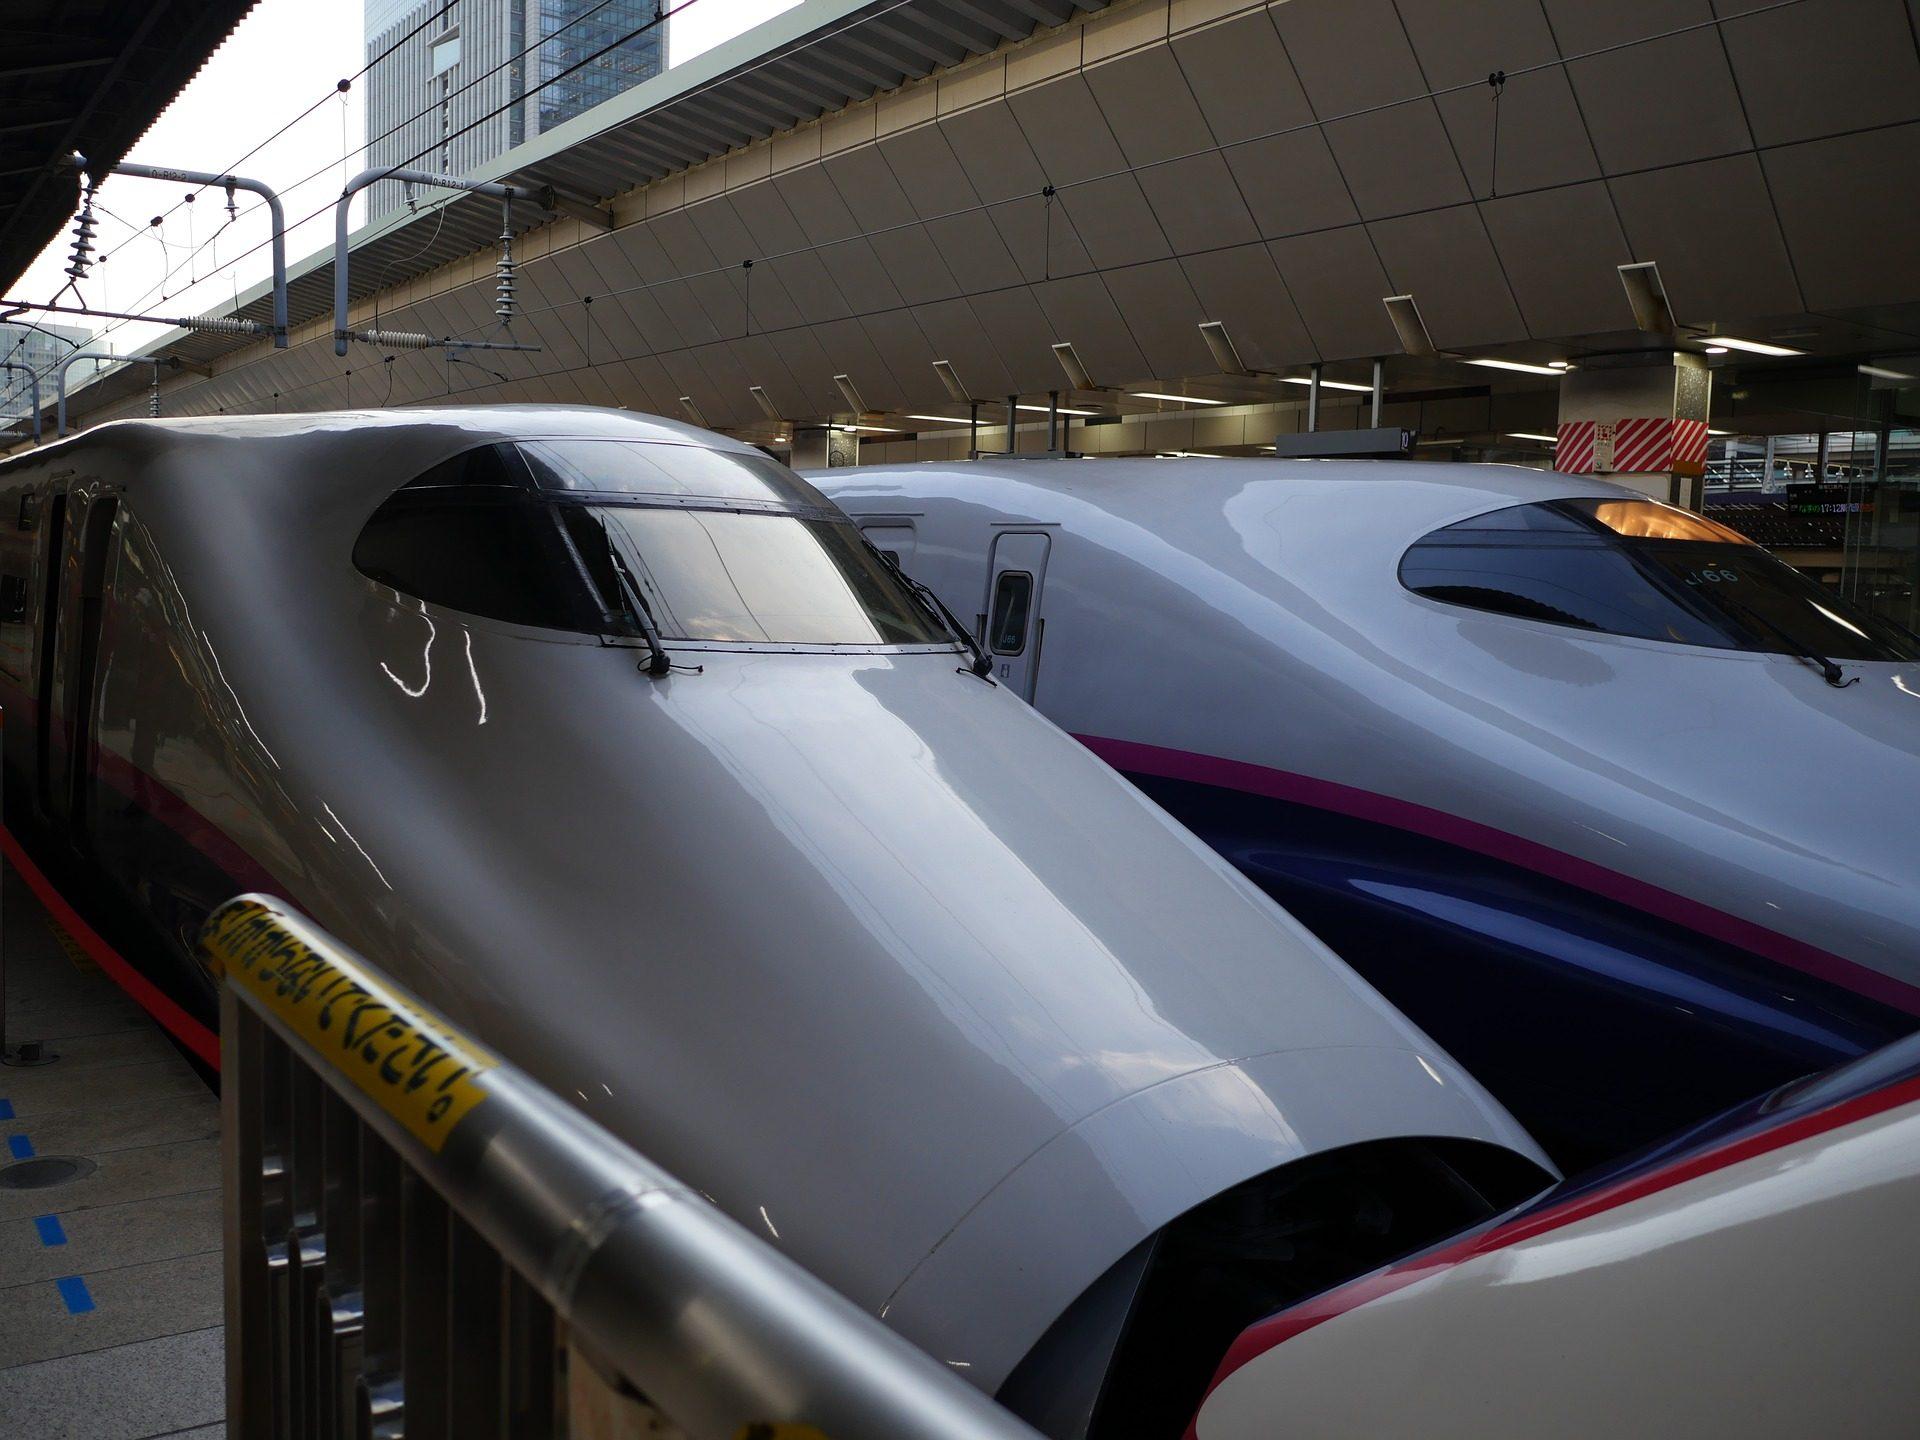 Züge, Kugel, Bahnhof, zukünftige, Tokyo - Wallpaper HD - Prof.-falken.com